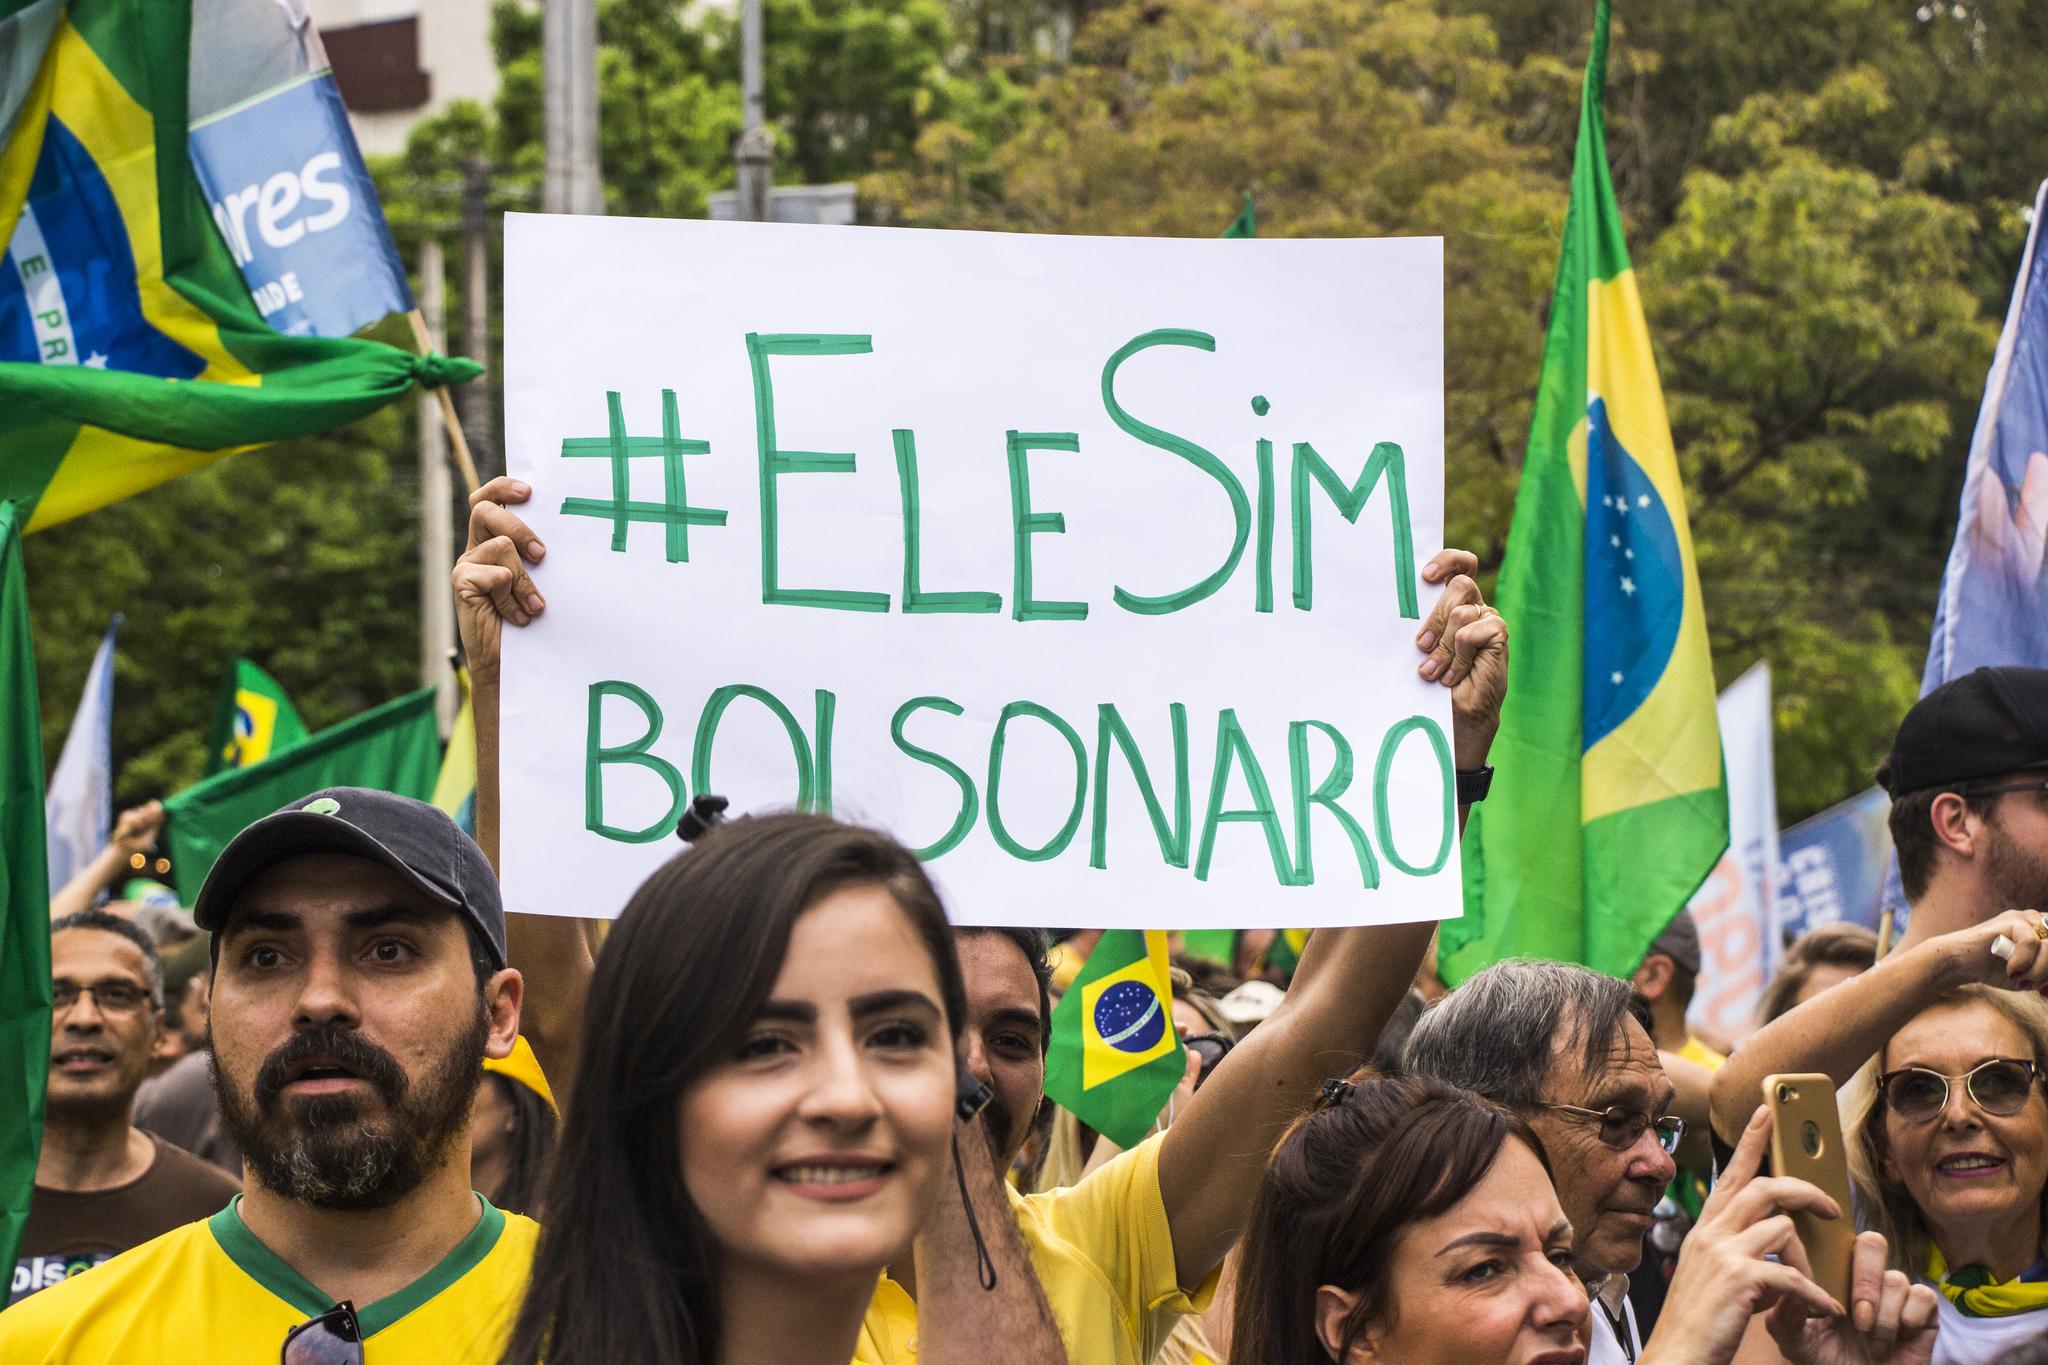 Medan motstandarane av Jair Bolsonaro robar #elenao, går forkjemparane under parola #elesim. Foto: Bernardo Speck, Flickr